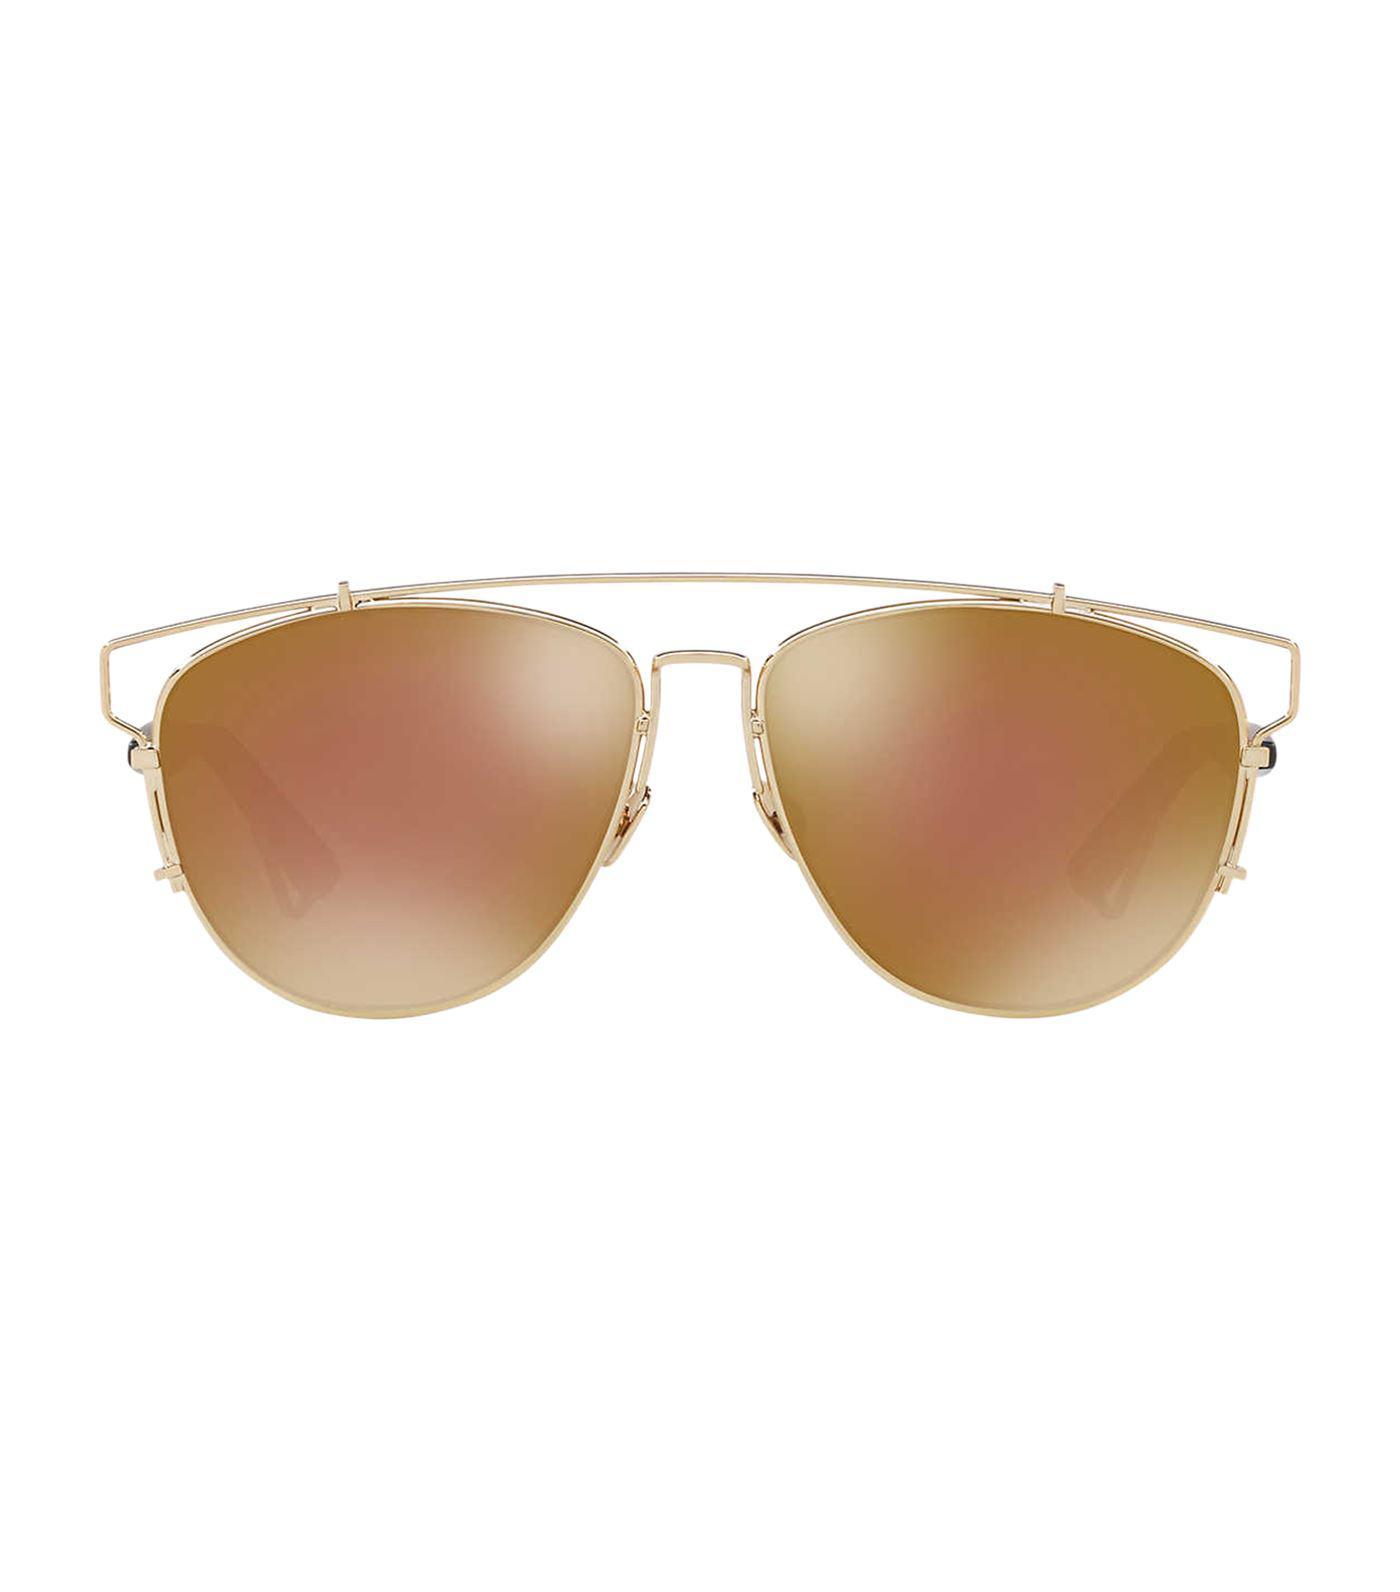 Dior Technologic Sunglasses in Black - Lyst 82ebb5021b2e